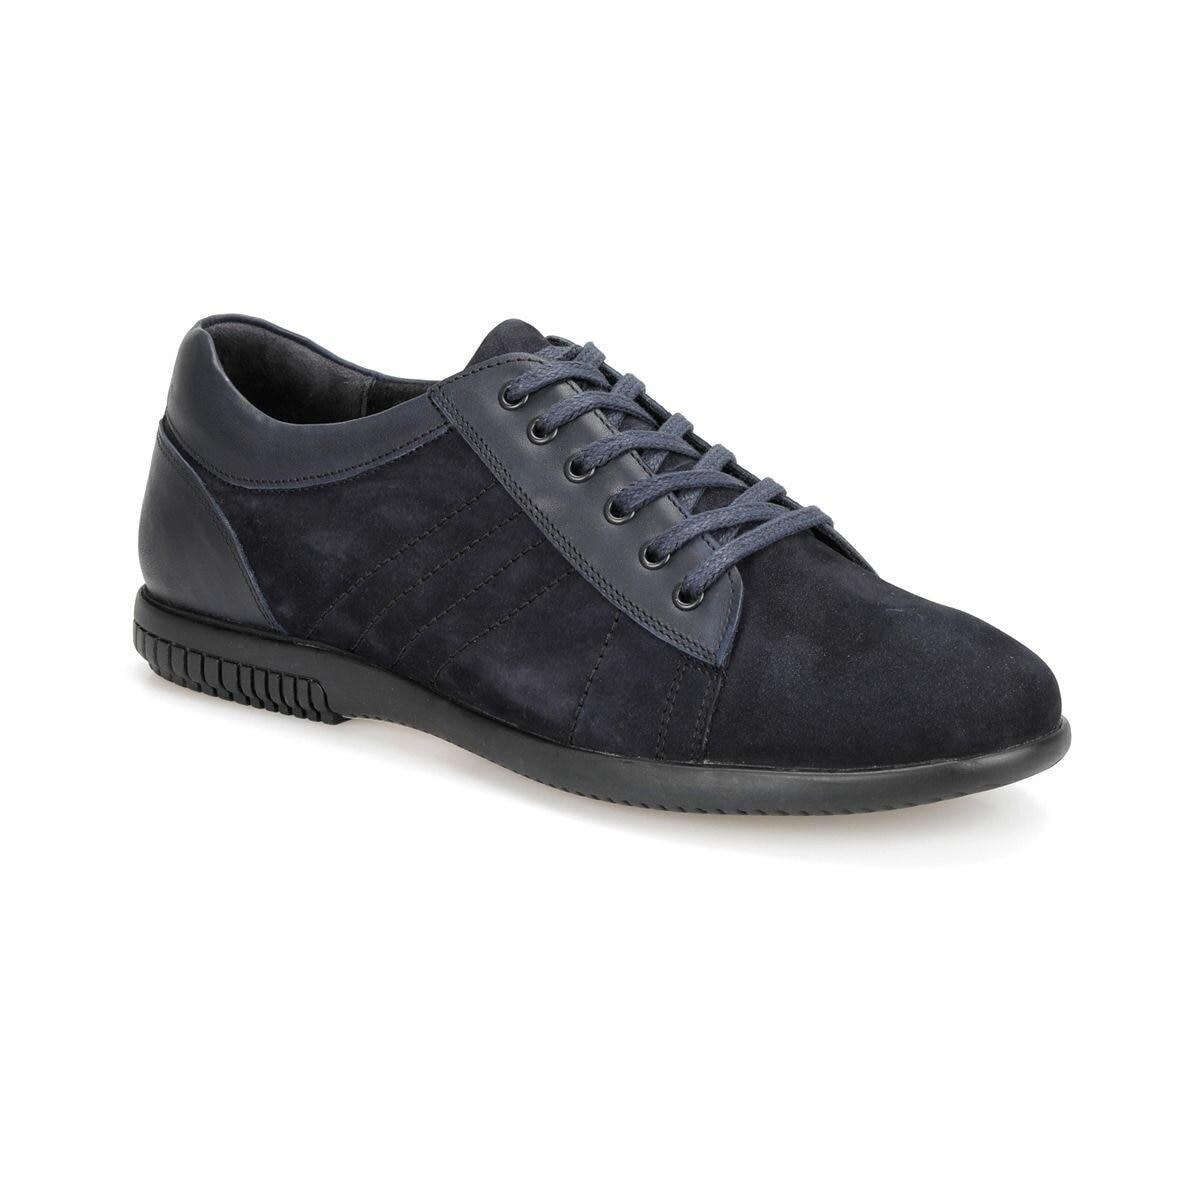 FLO 1403 Navy Blue Men 'S Shoes Oxide